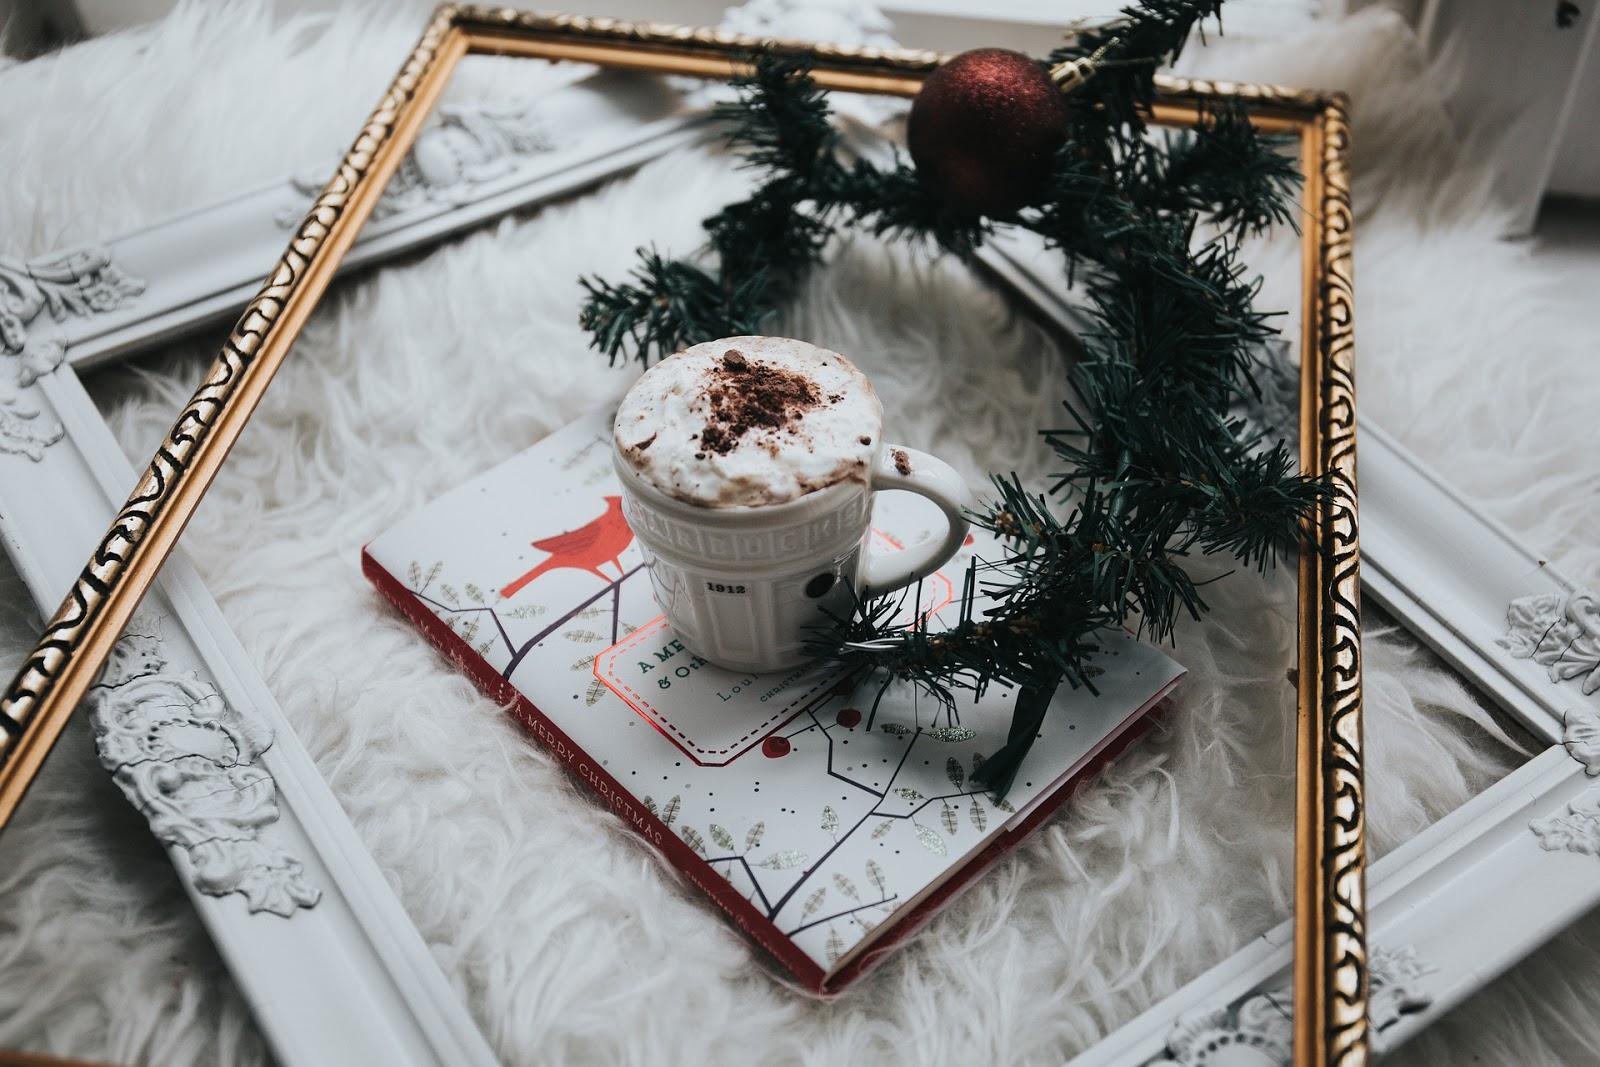 3 recettes de boissons chaudes à tester cet hiver